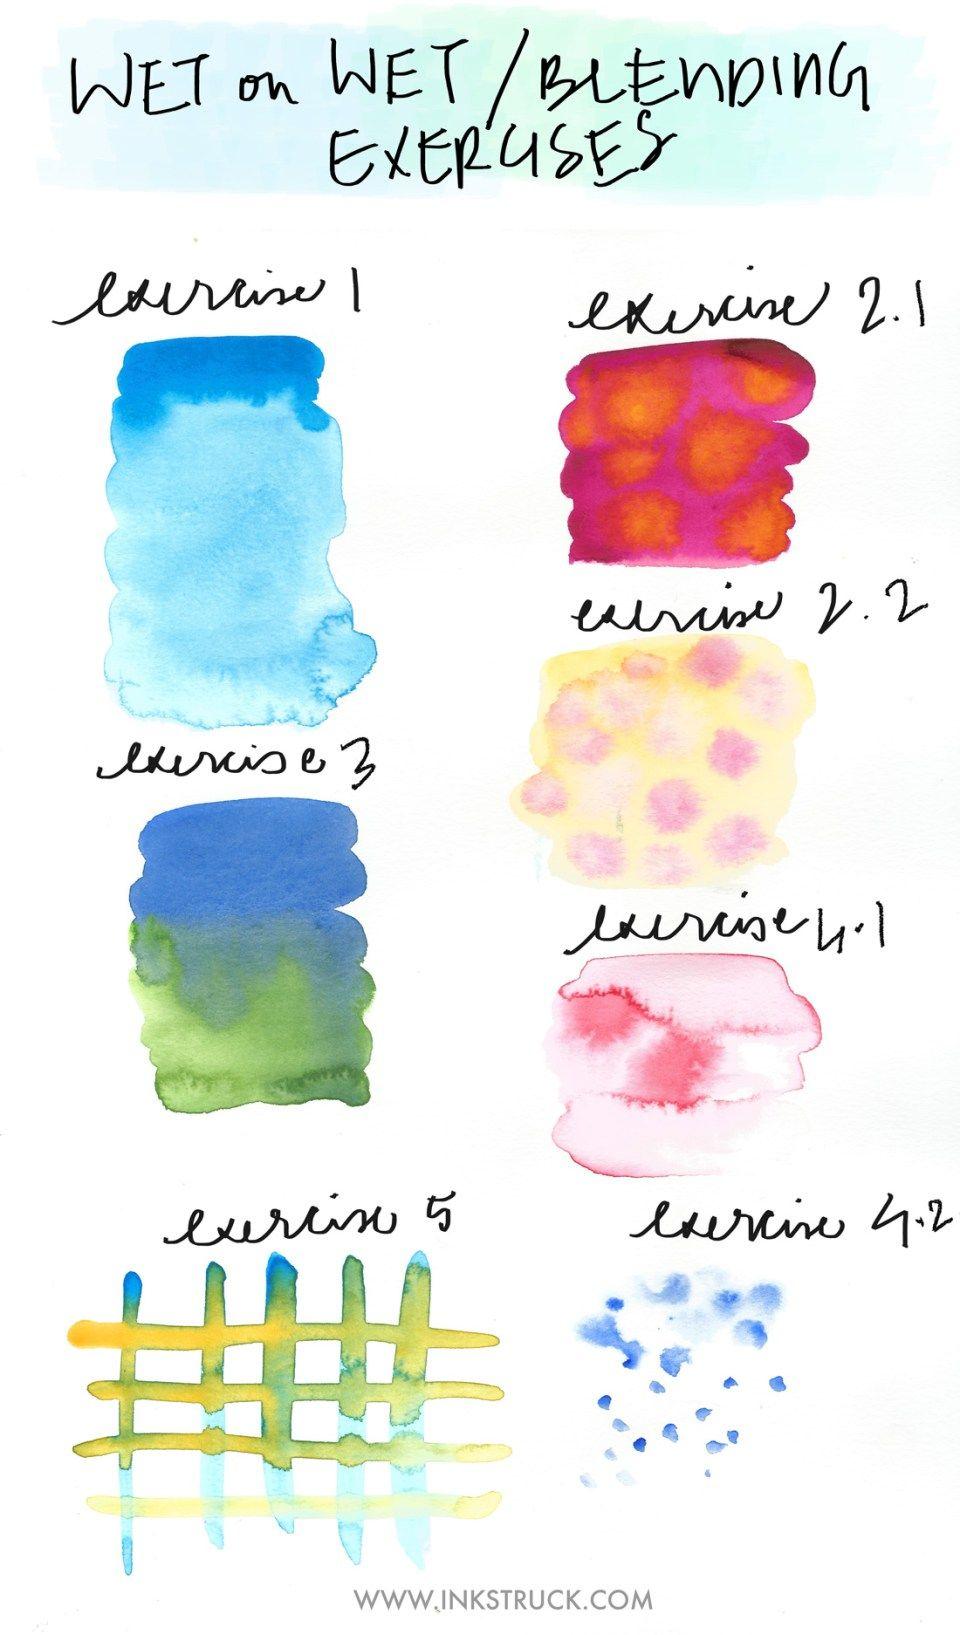 Basic watercolor techniques blending watercolor for Different watercolor techniques